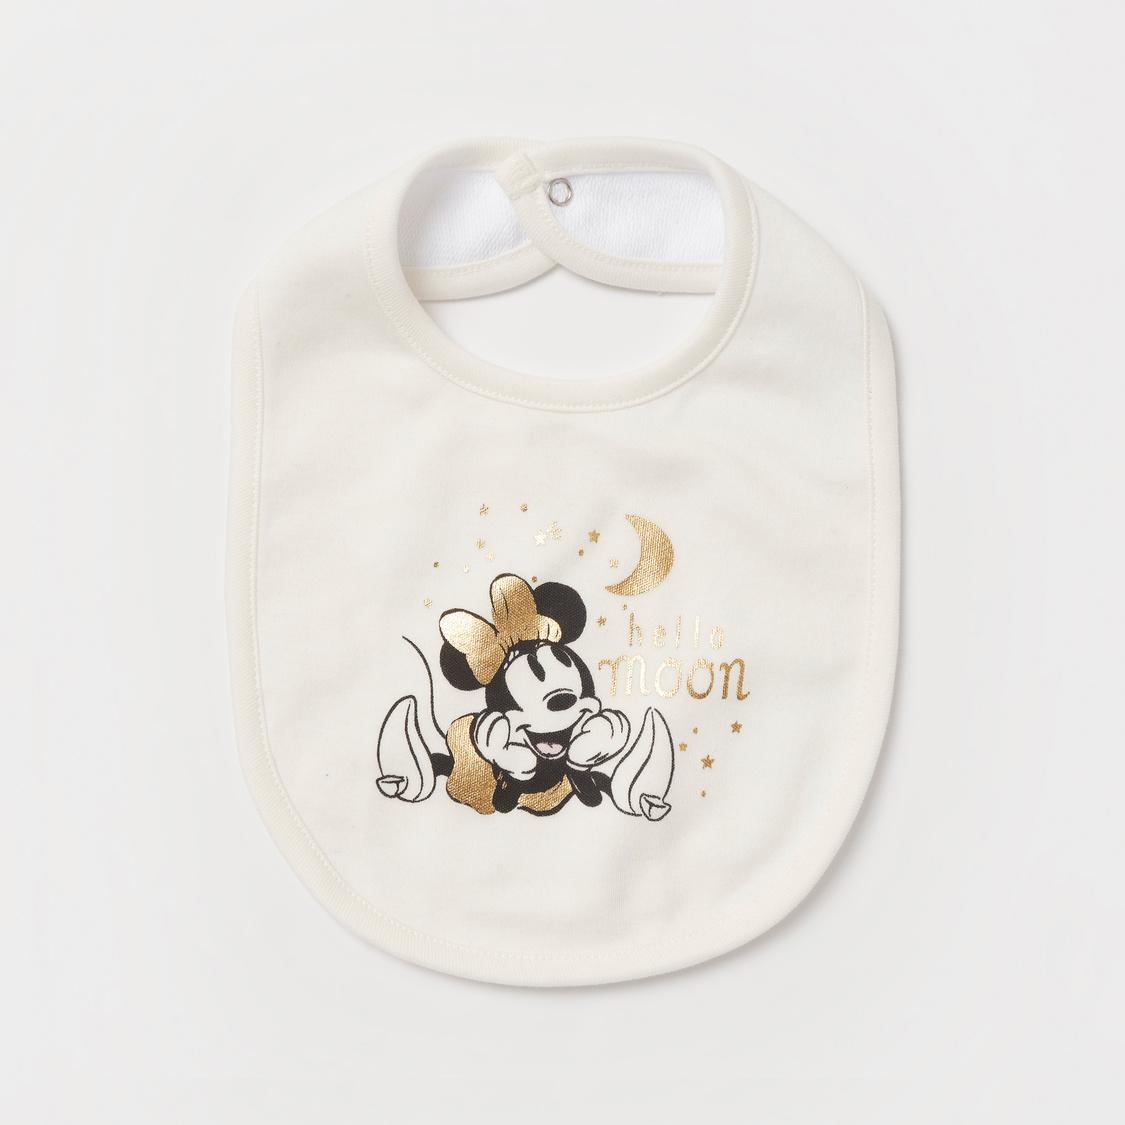 طقم هدايا ملابس أطفال بطبعات ميكي ماوس -  5 قطع